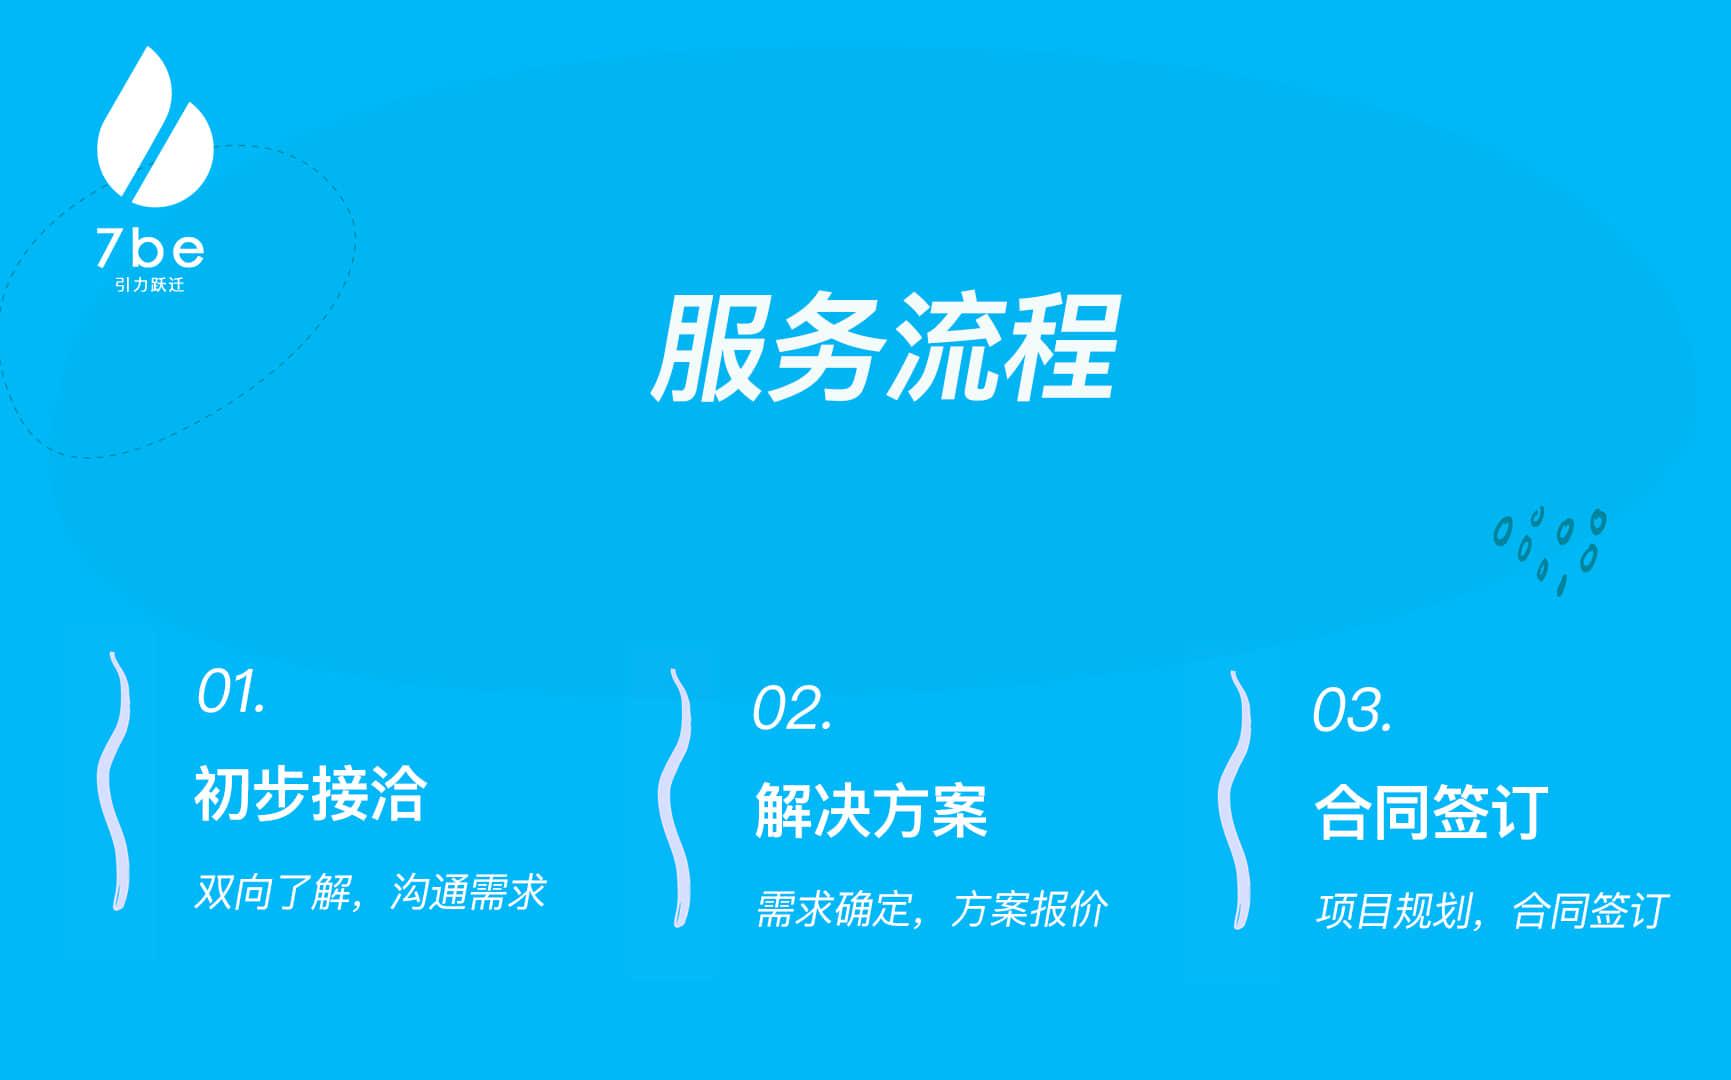 【热】CMS快速模板建站/企业官网模板建站/香港服务器一年